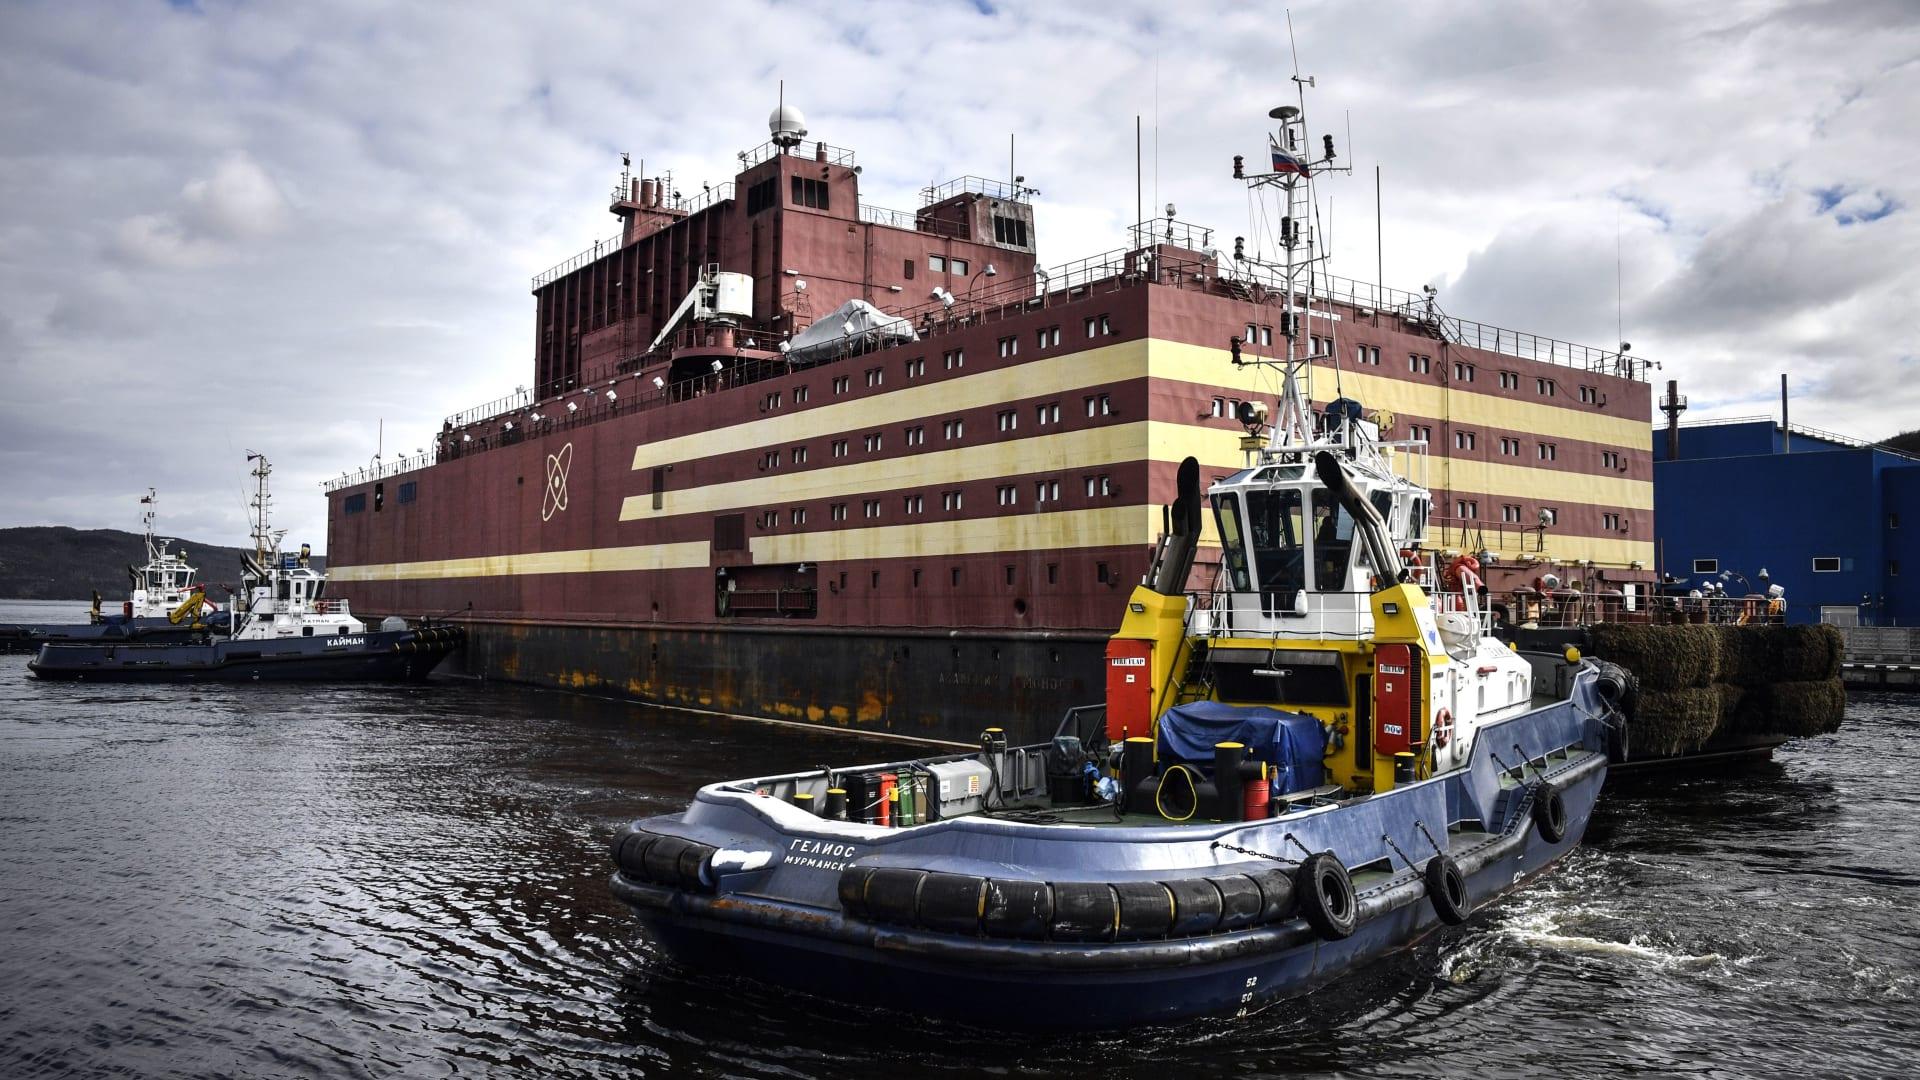 مسؤول بالترسانة النووية الأمريكية: روسيا تستخدم معدات جديدة فيما يتعلق بقدراتها النووية